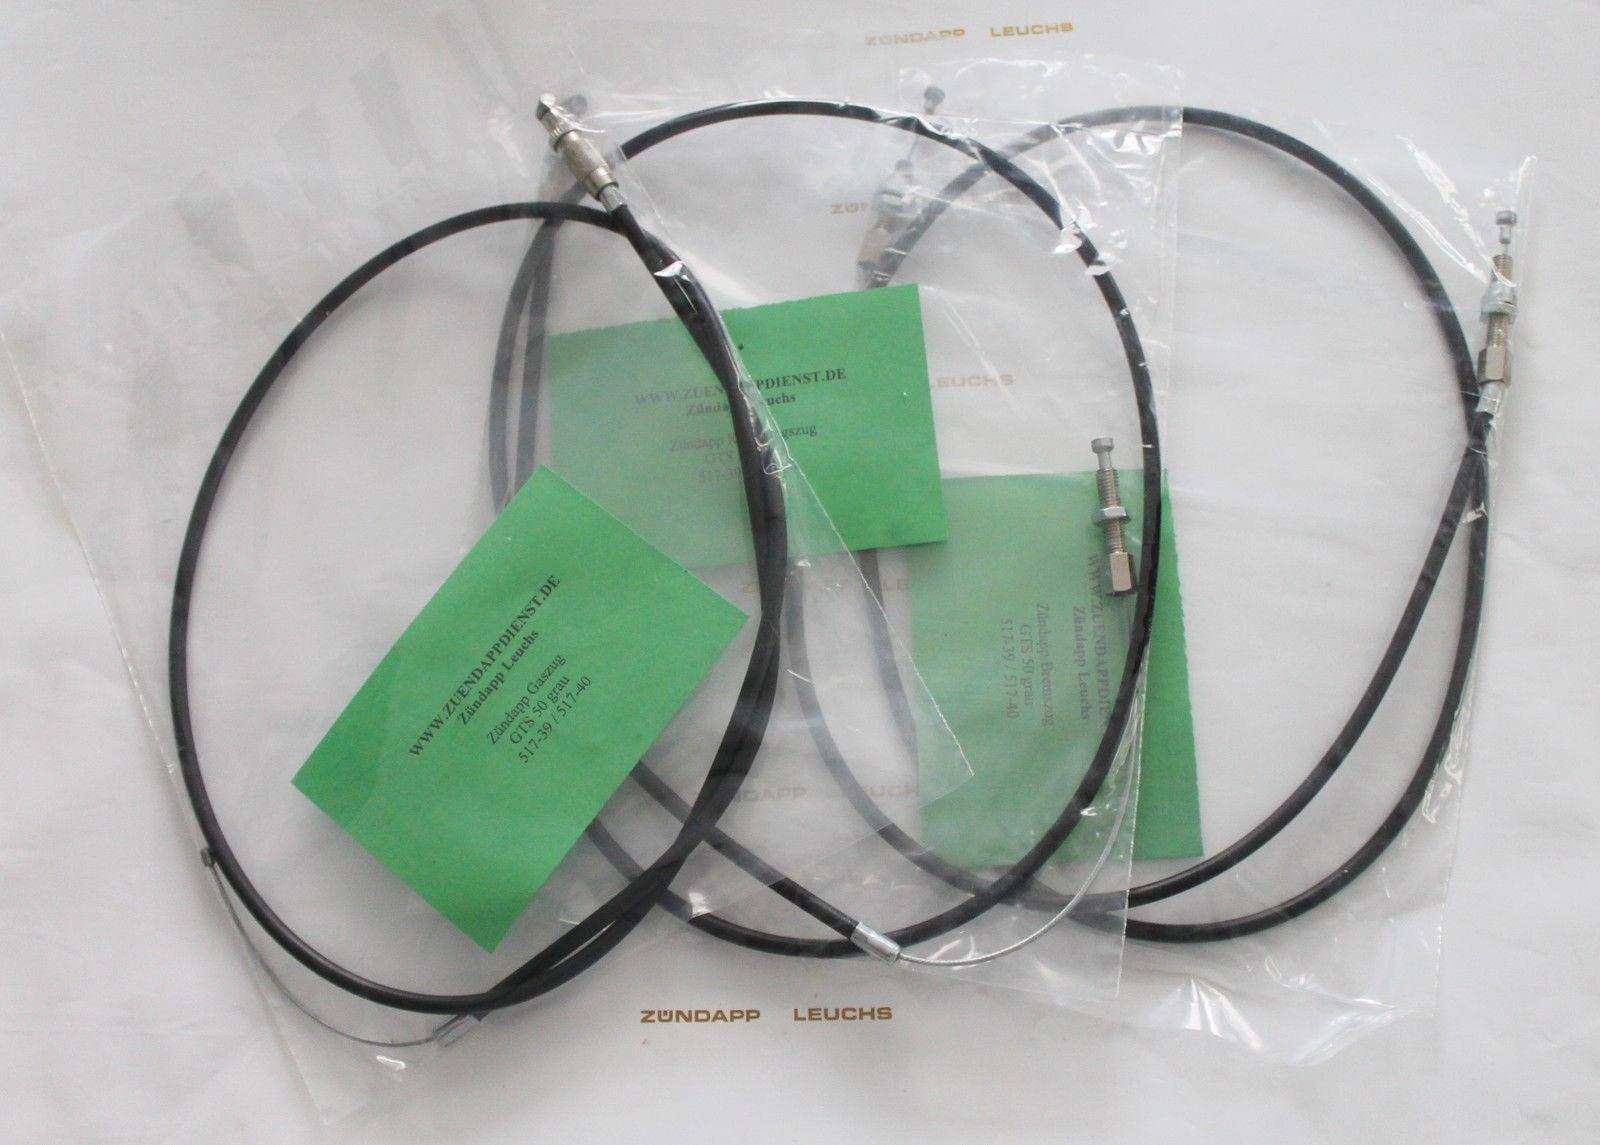 Zündapp Kolbenring 39 x 2 mm L-Ring 284-02.112 A 25 X 25 Typ 460